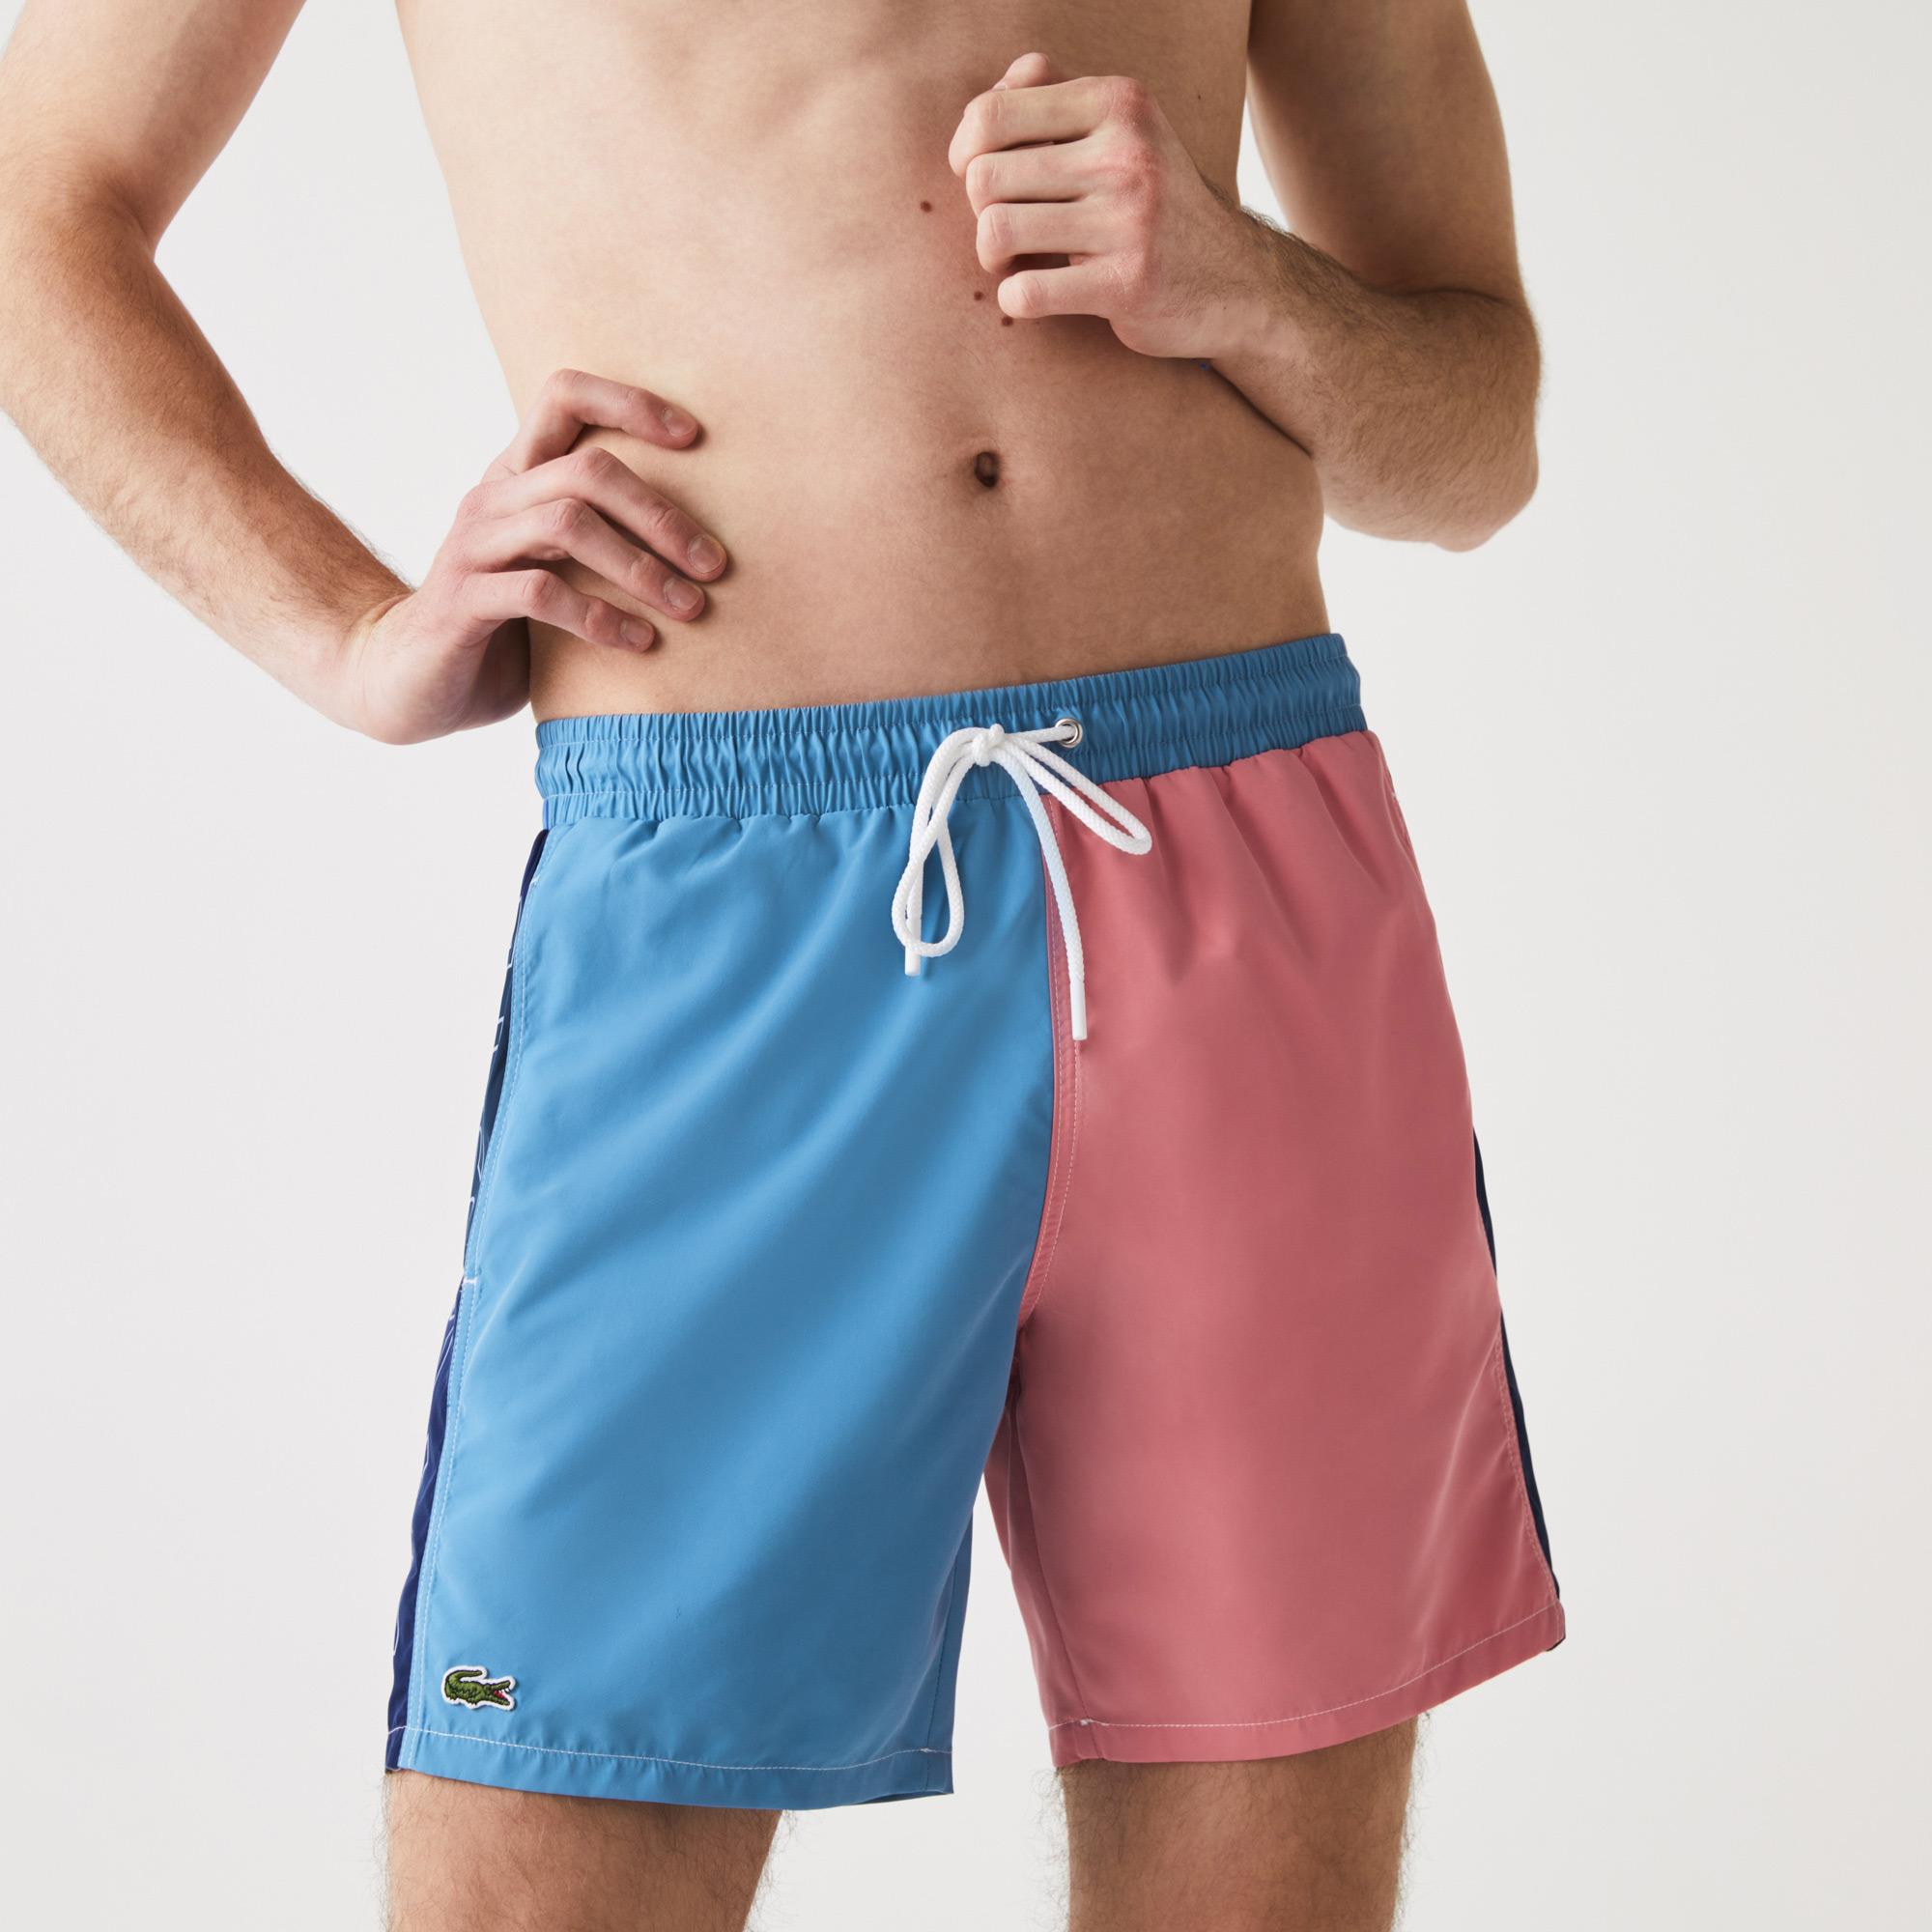 Lacoste Erkek Renk Bloklu Baskılı Renkli Şort Mayo